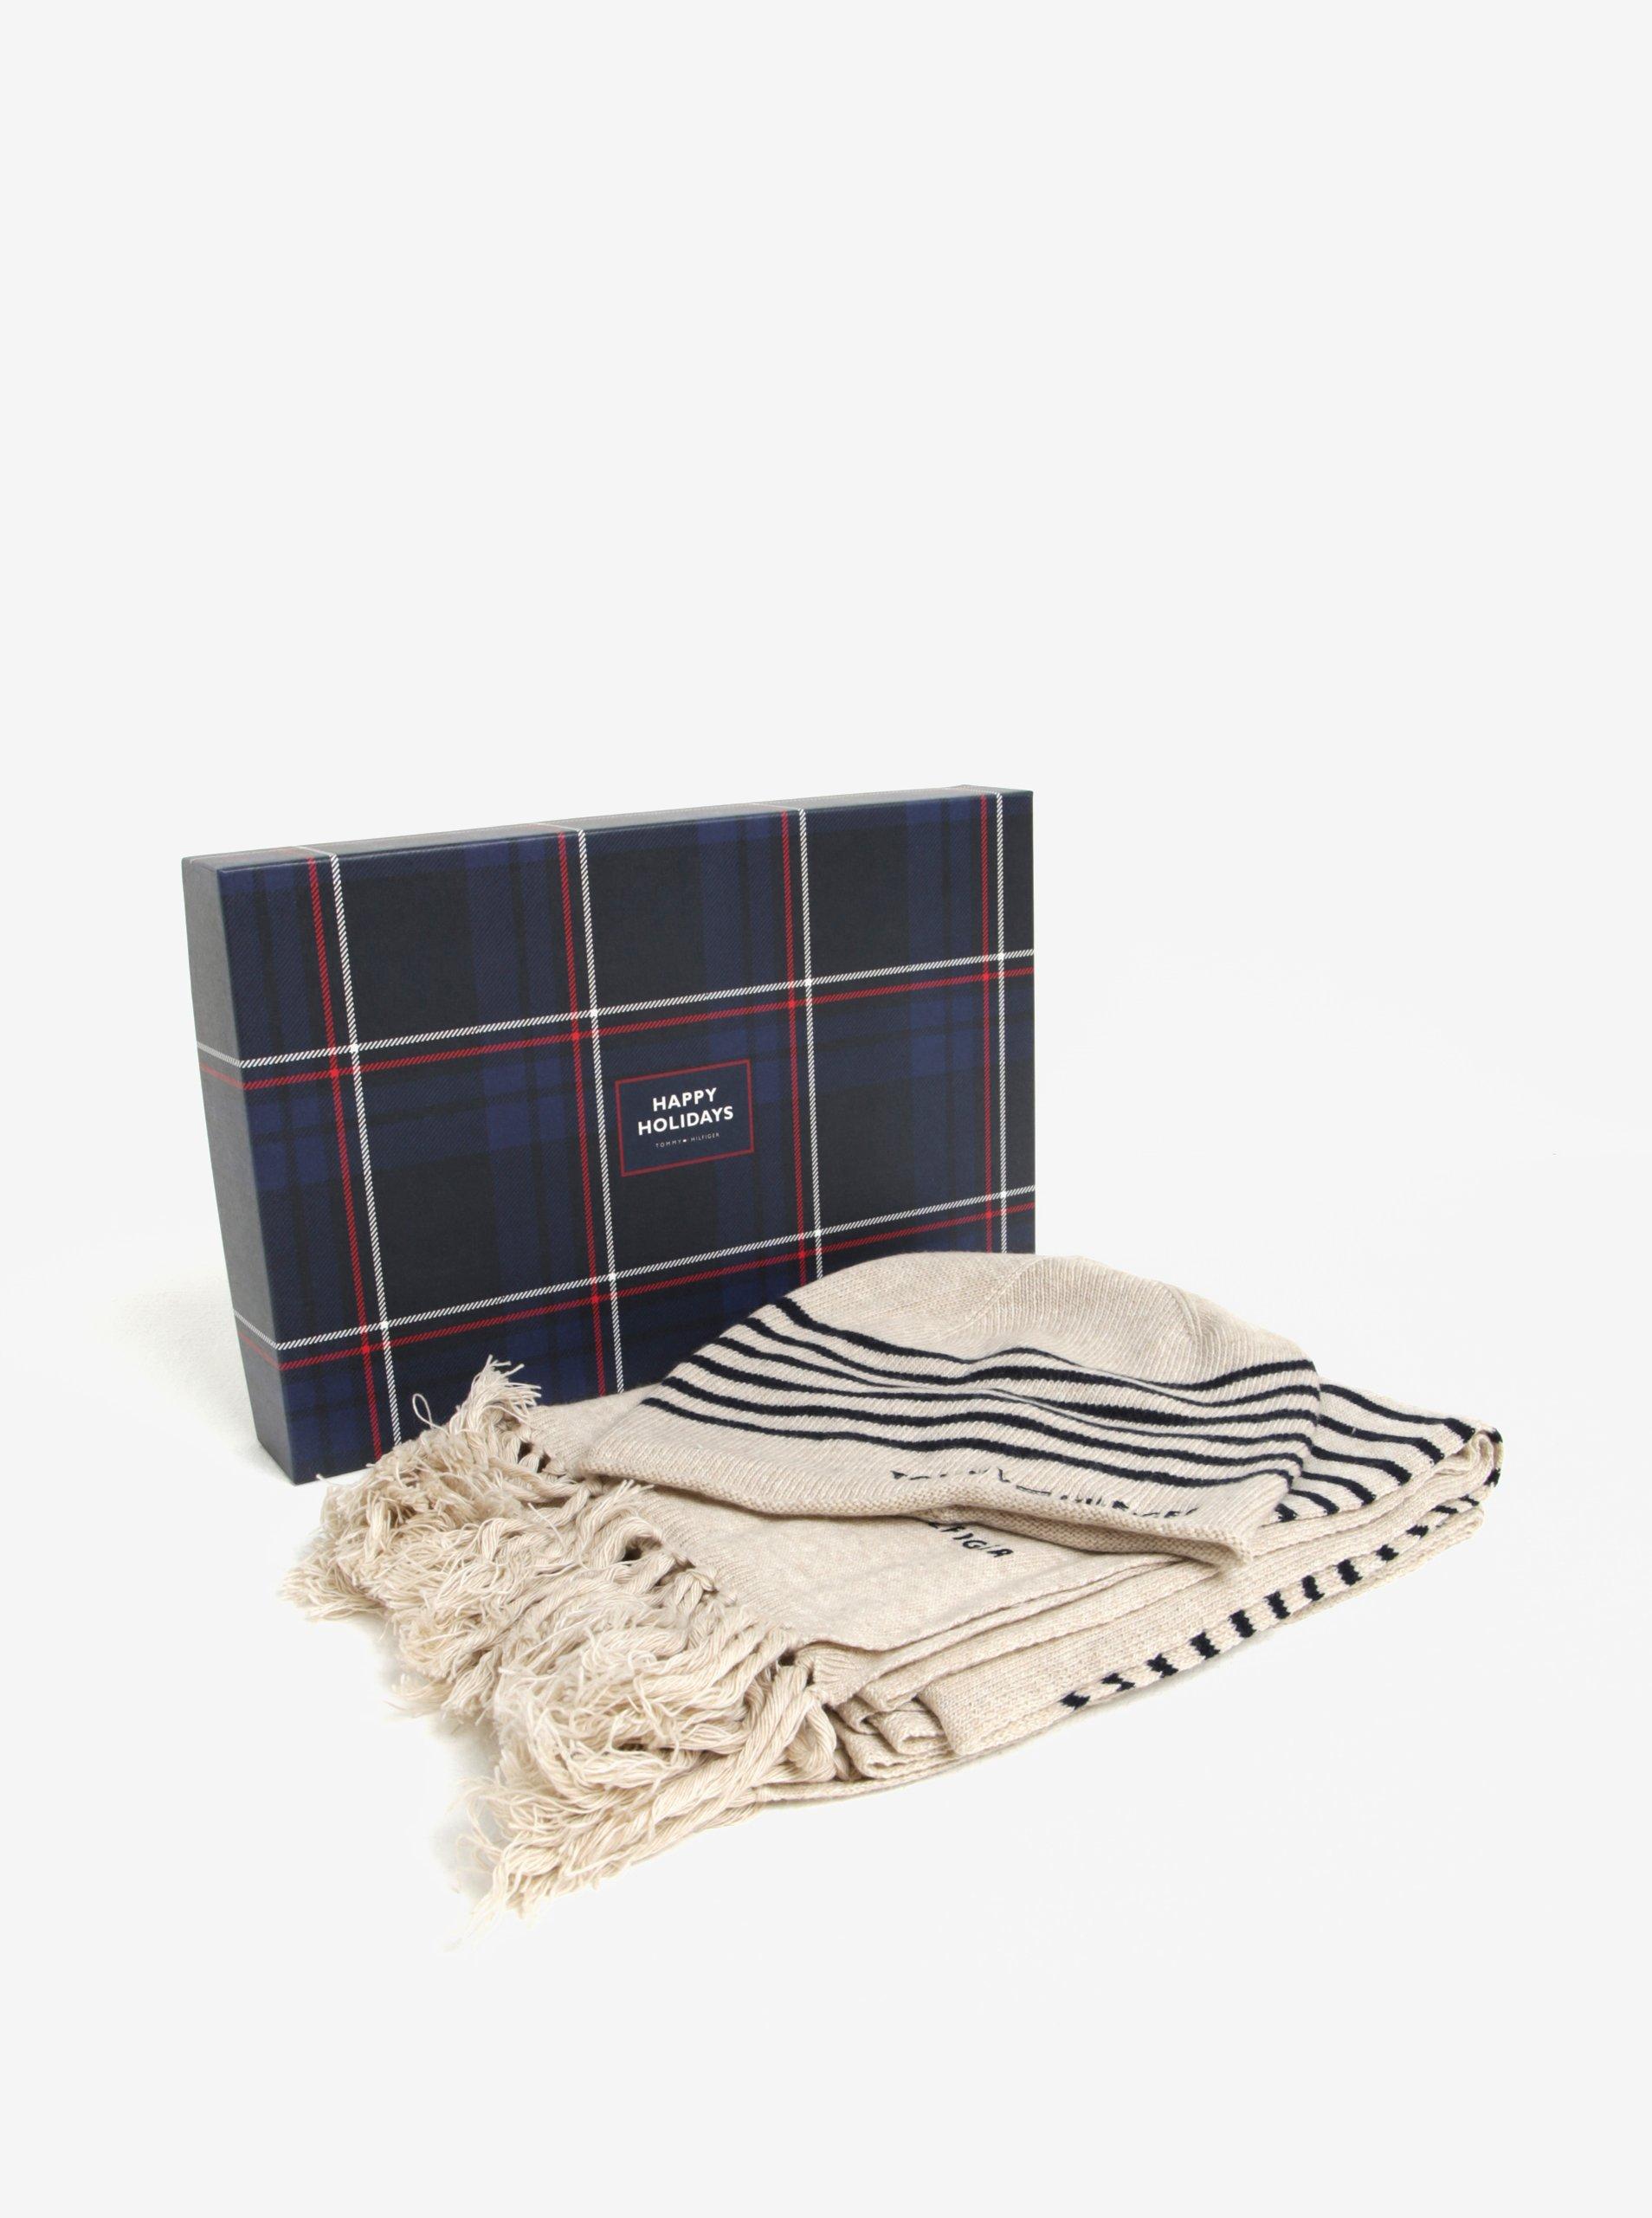 Súprava dámskej vlnenej čiapky a šálu v béžovej farbe v darčekovej škatuľke Tommy Hilfiger